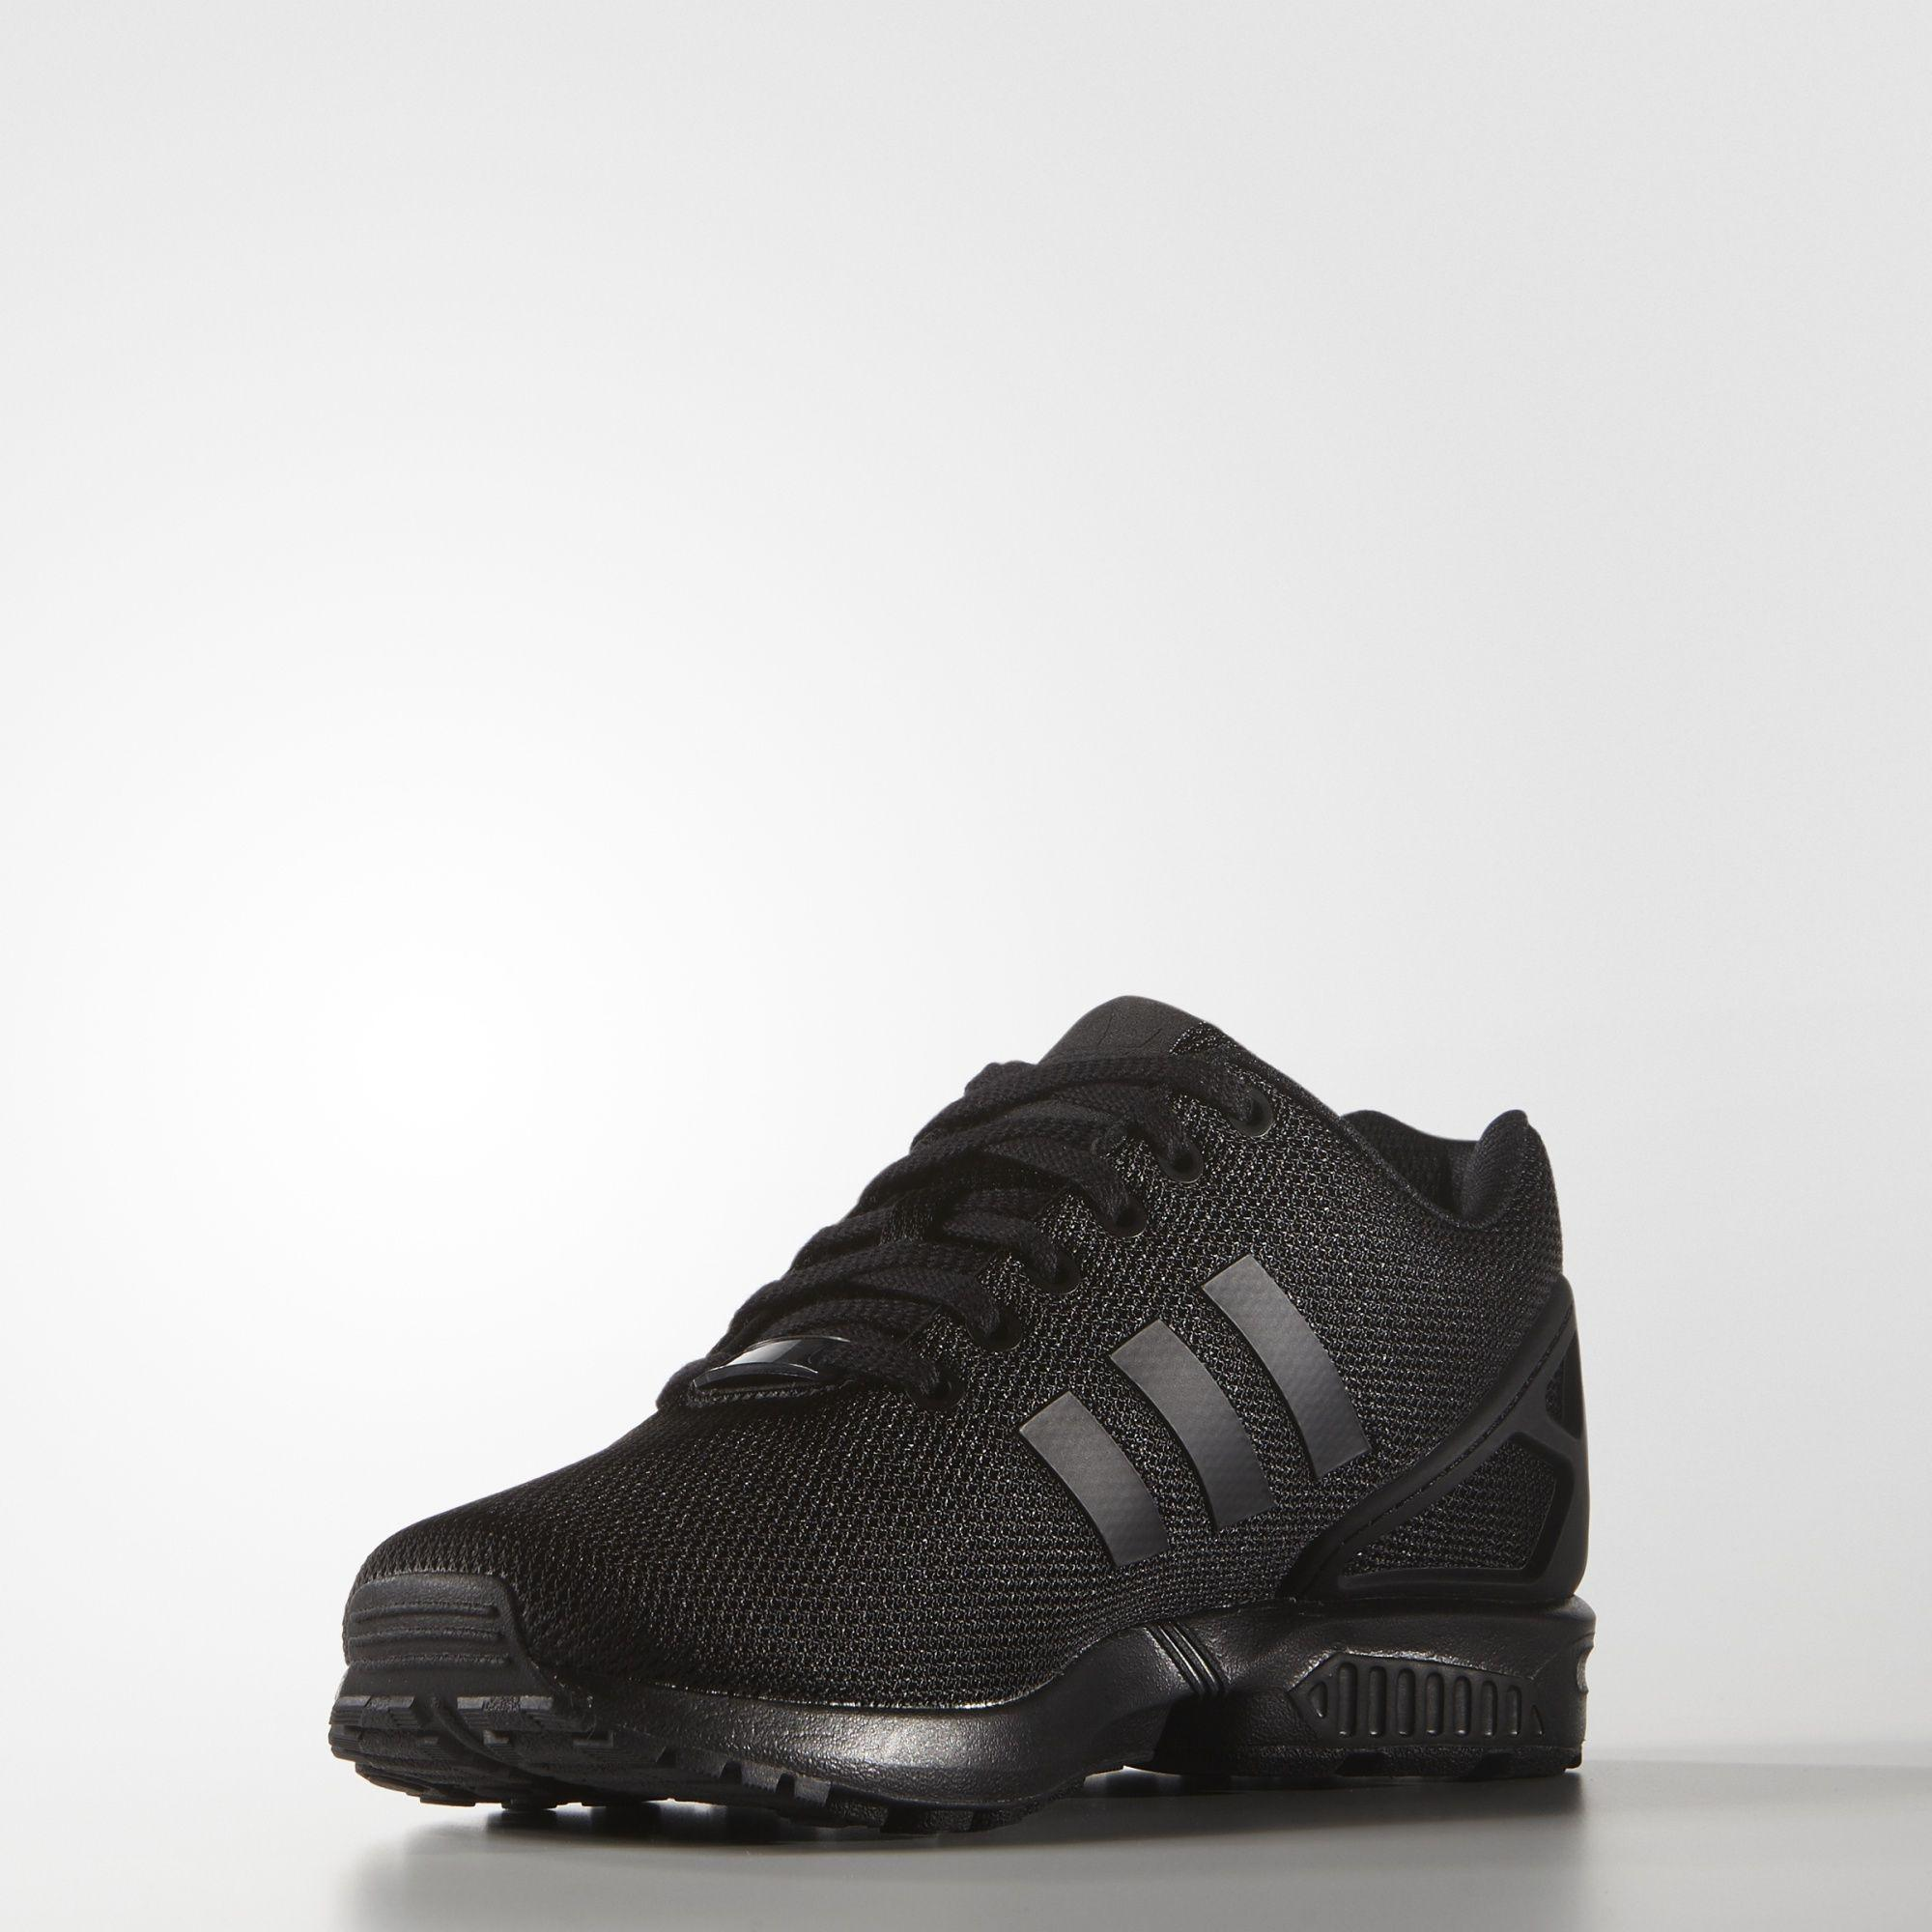 adidas zx flux negras zapatillas